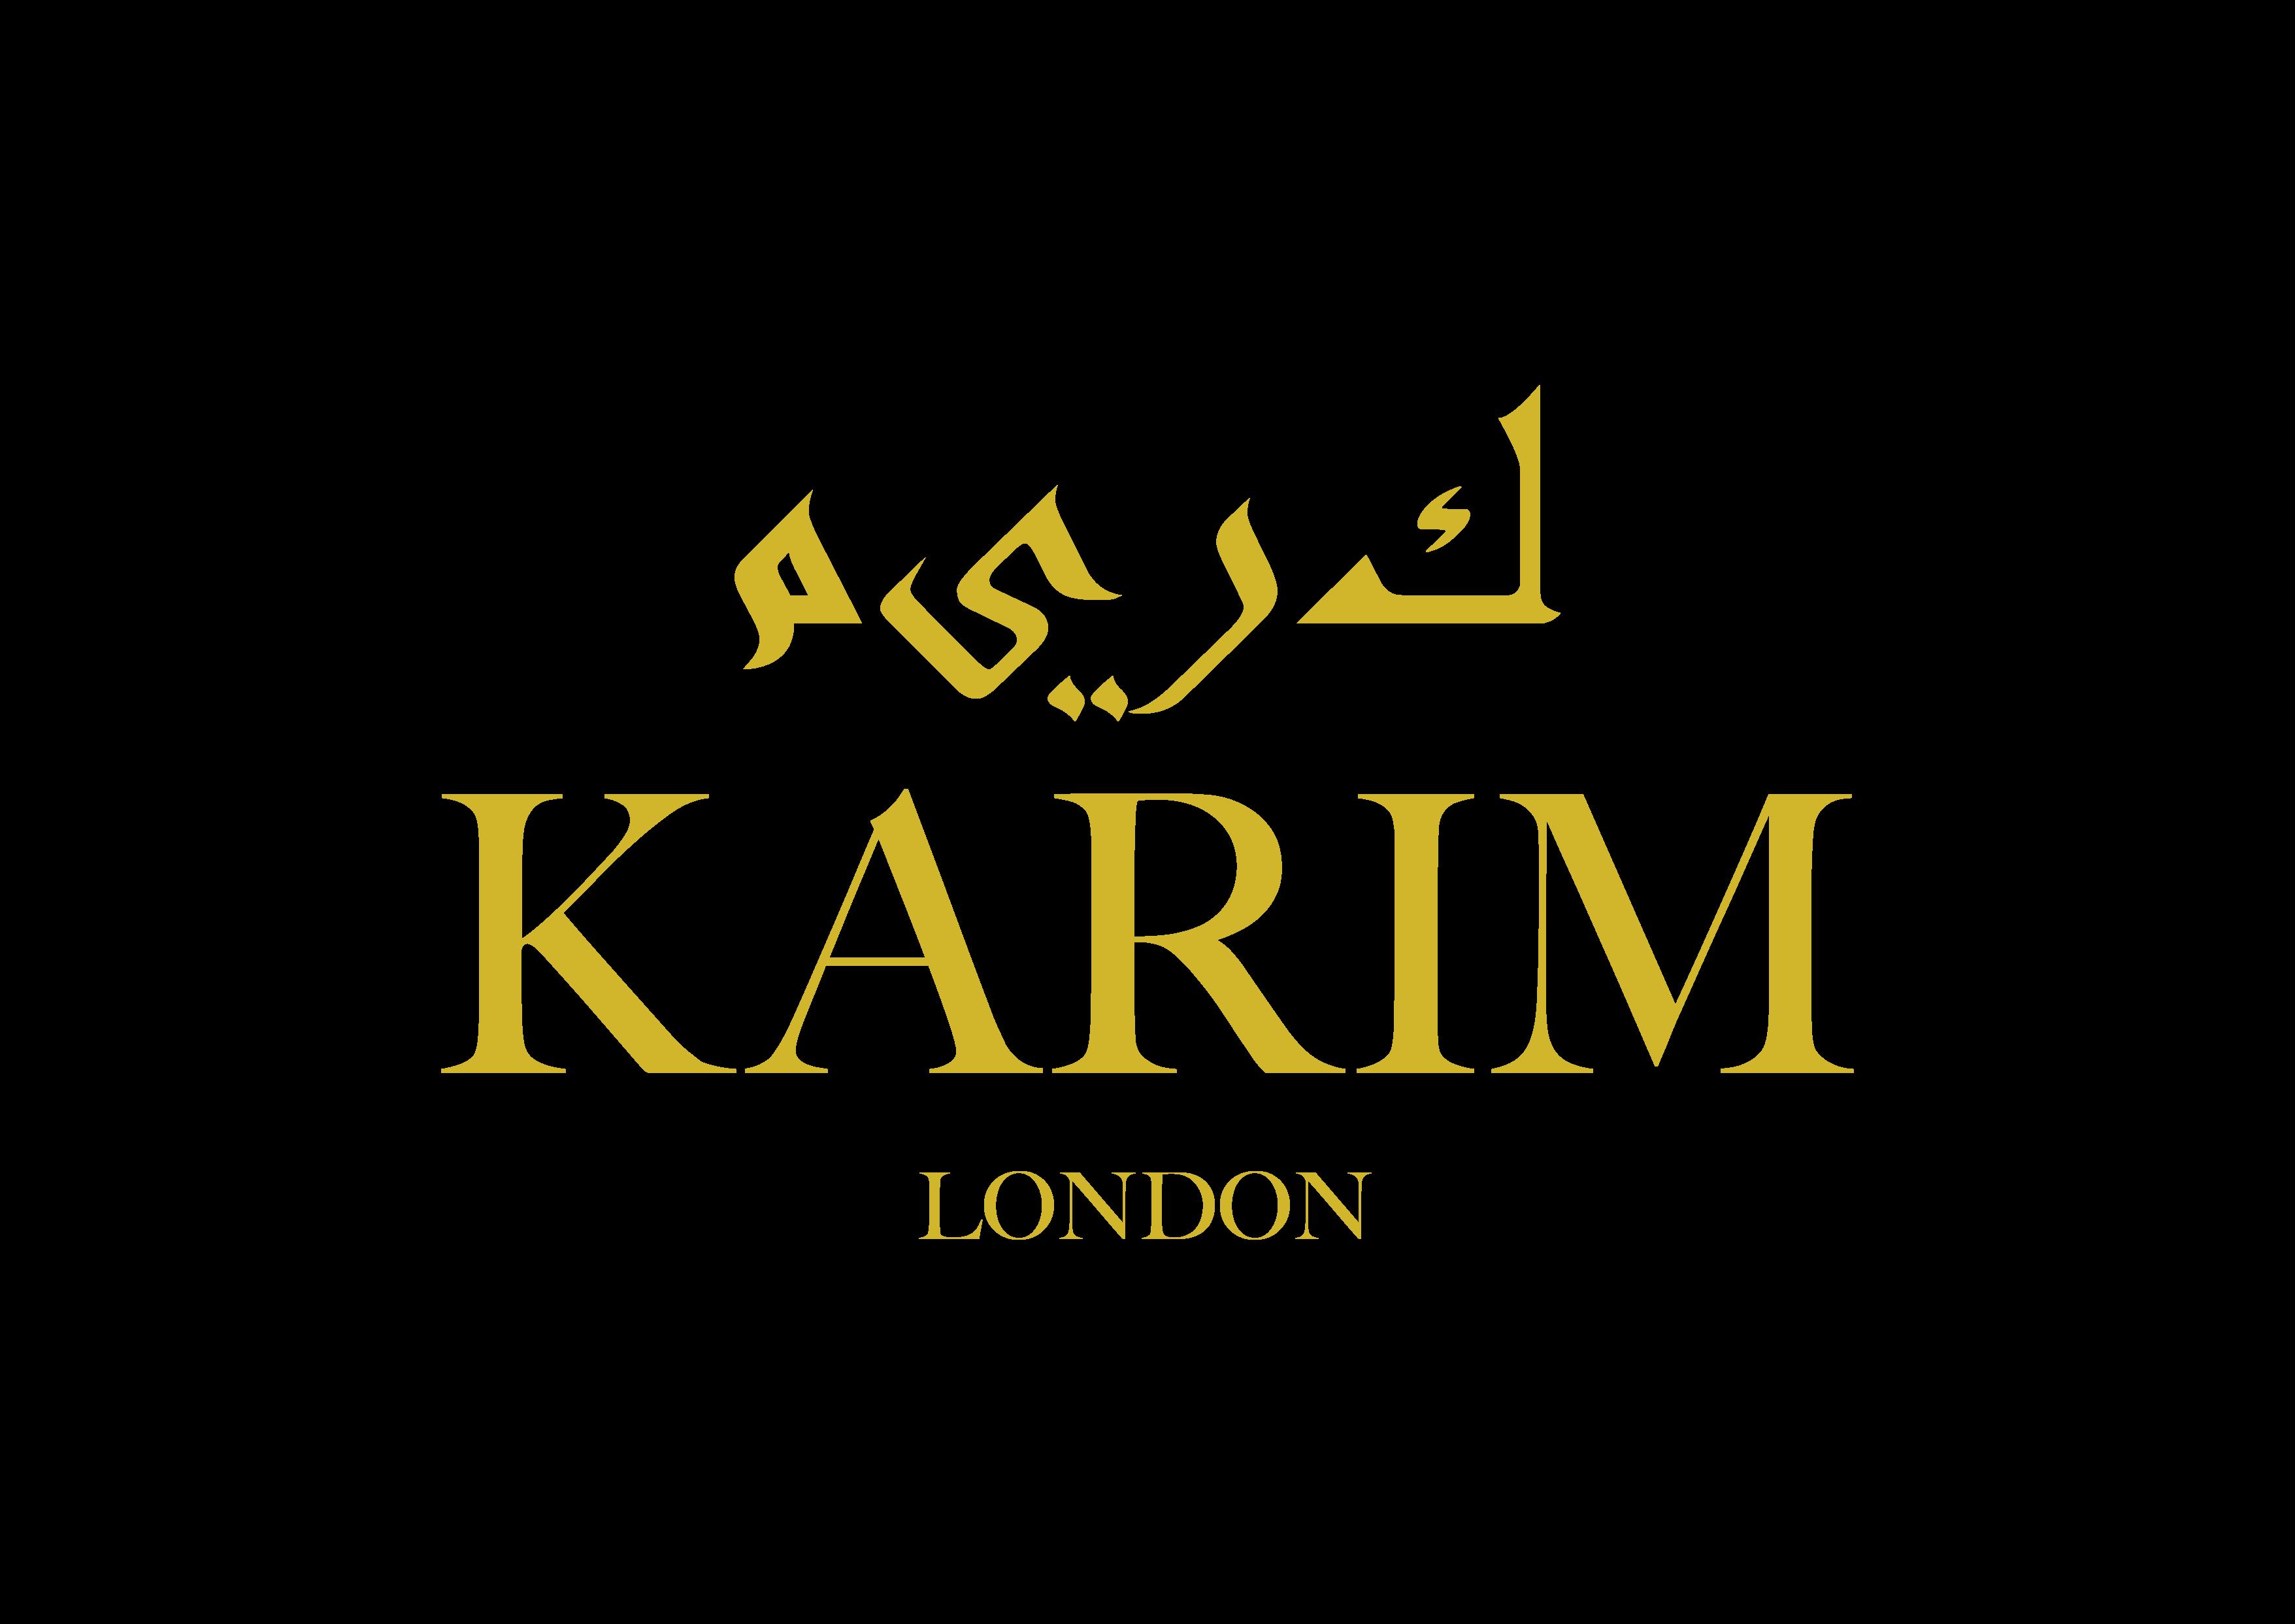 Karim London